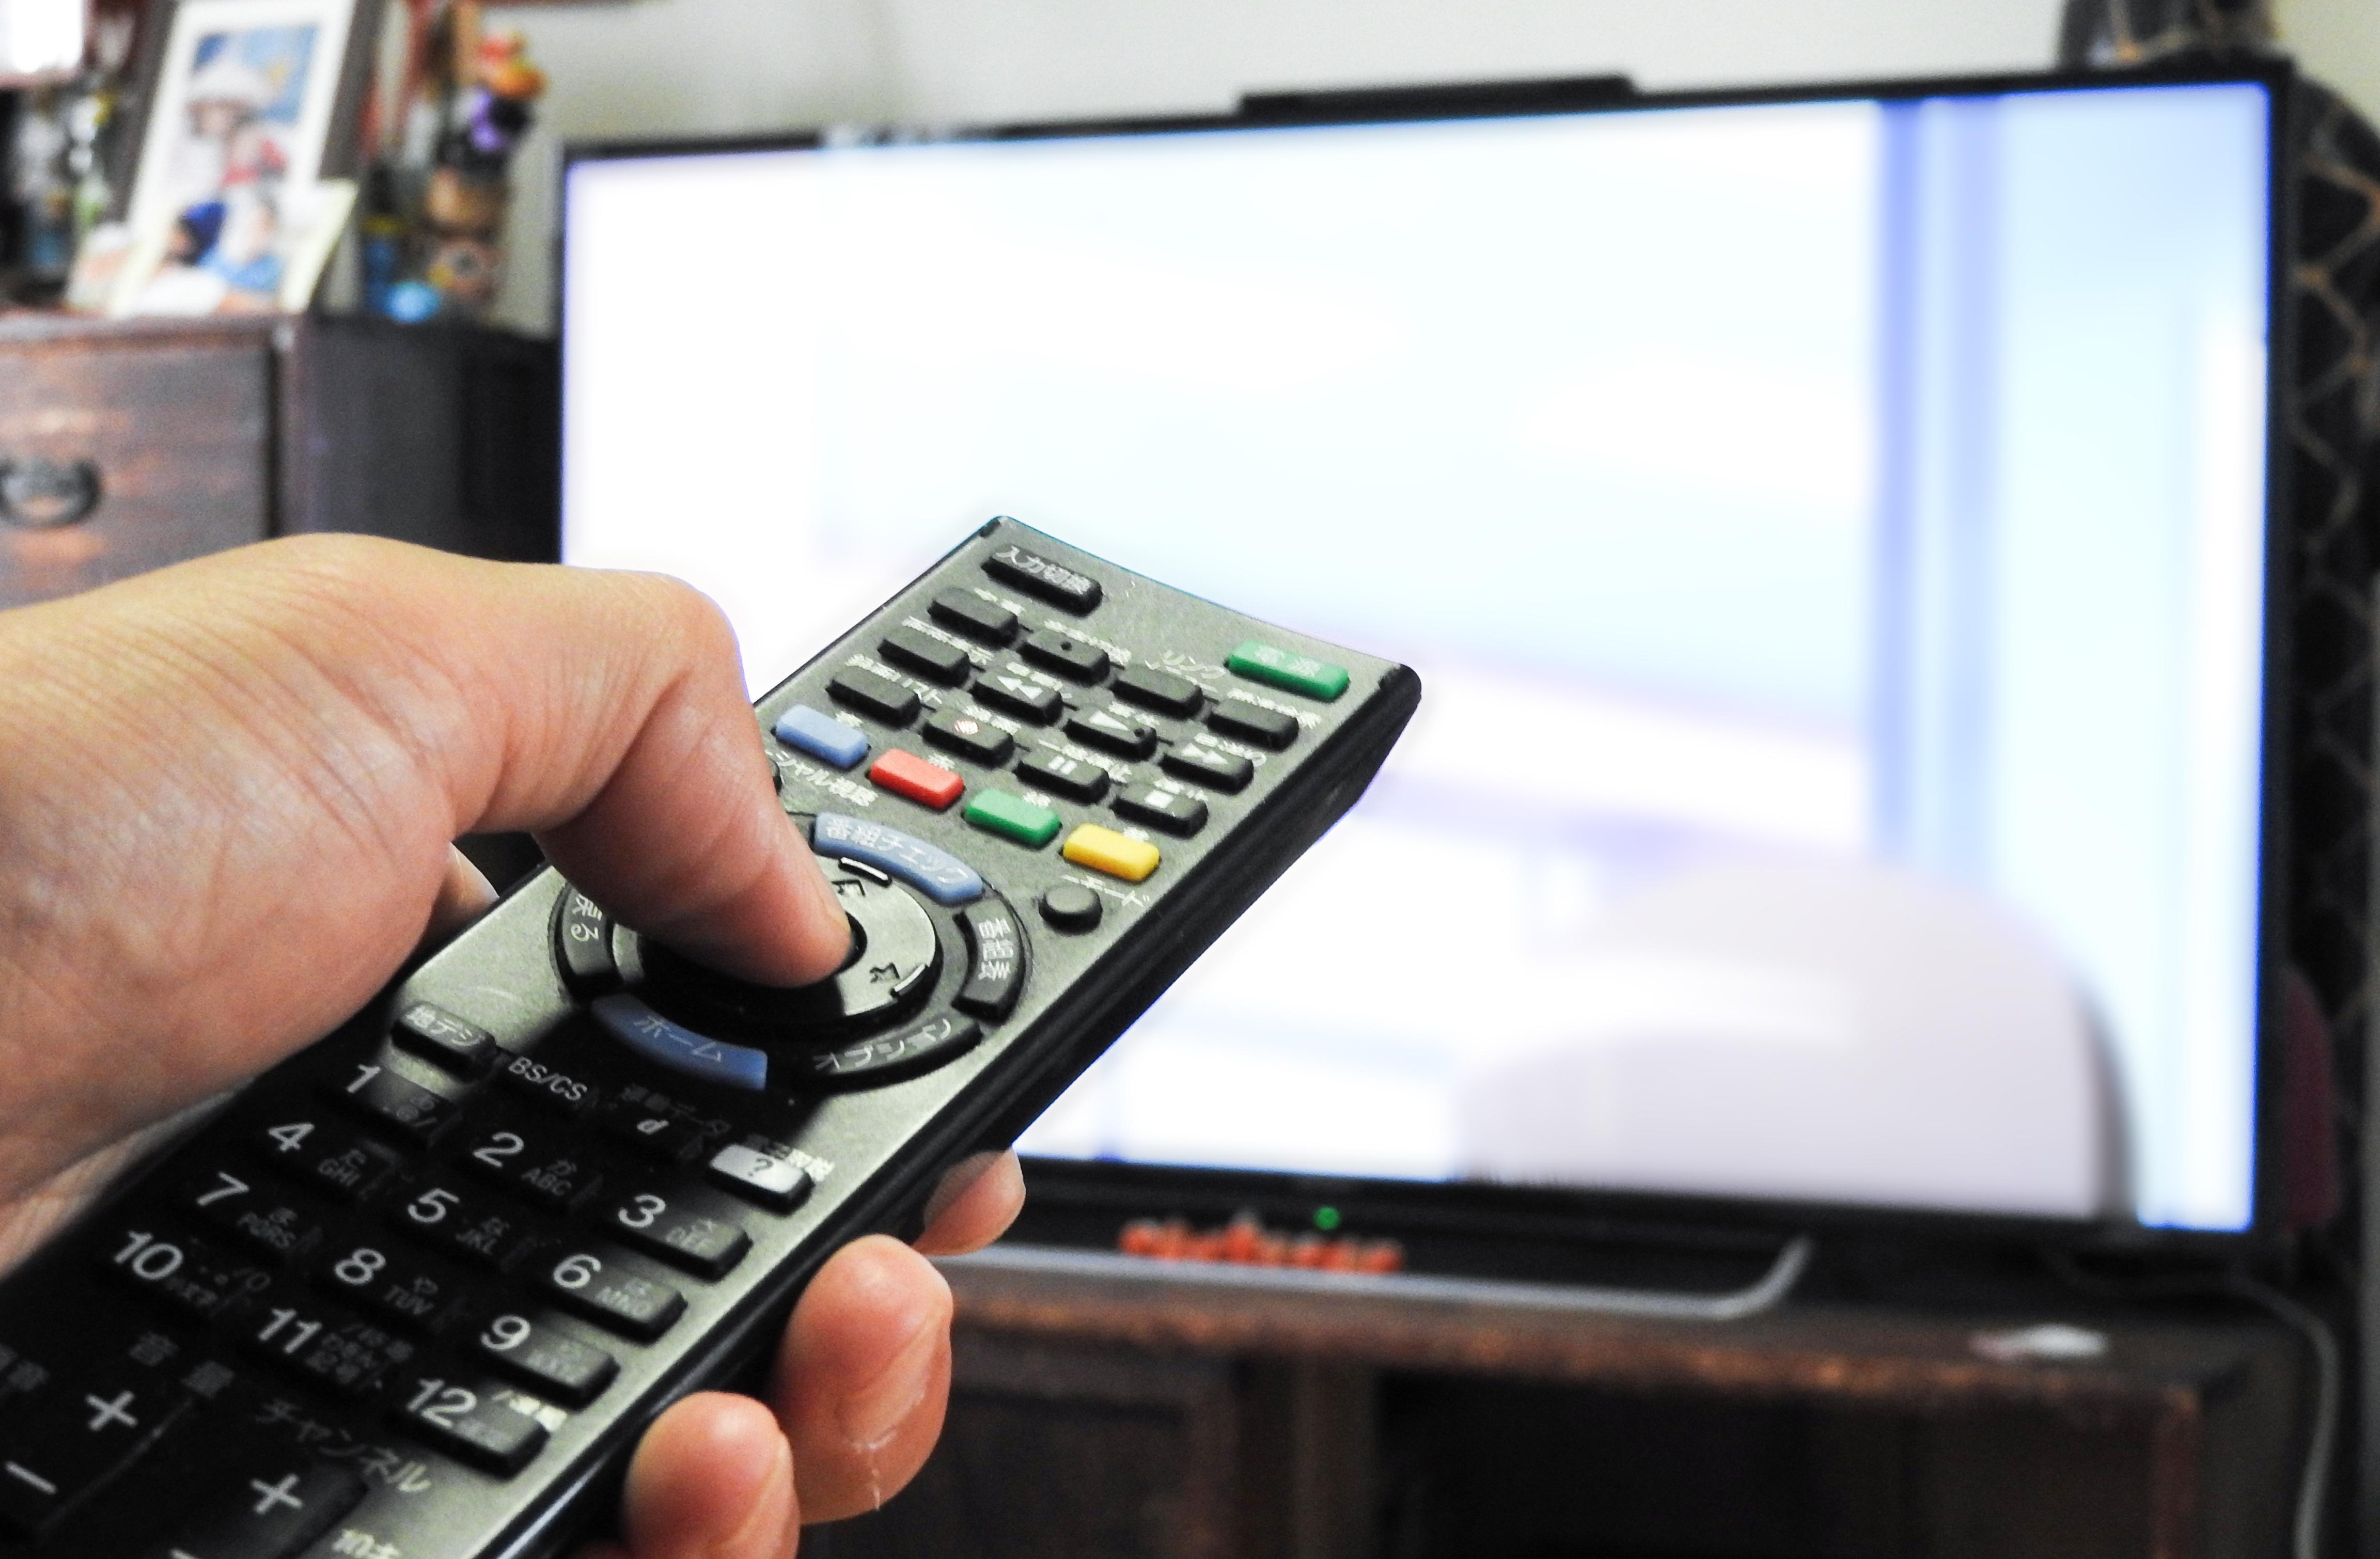 ハワイで日本のテレビ番組を無料で見れる方法